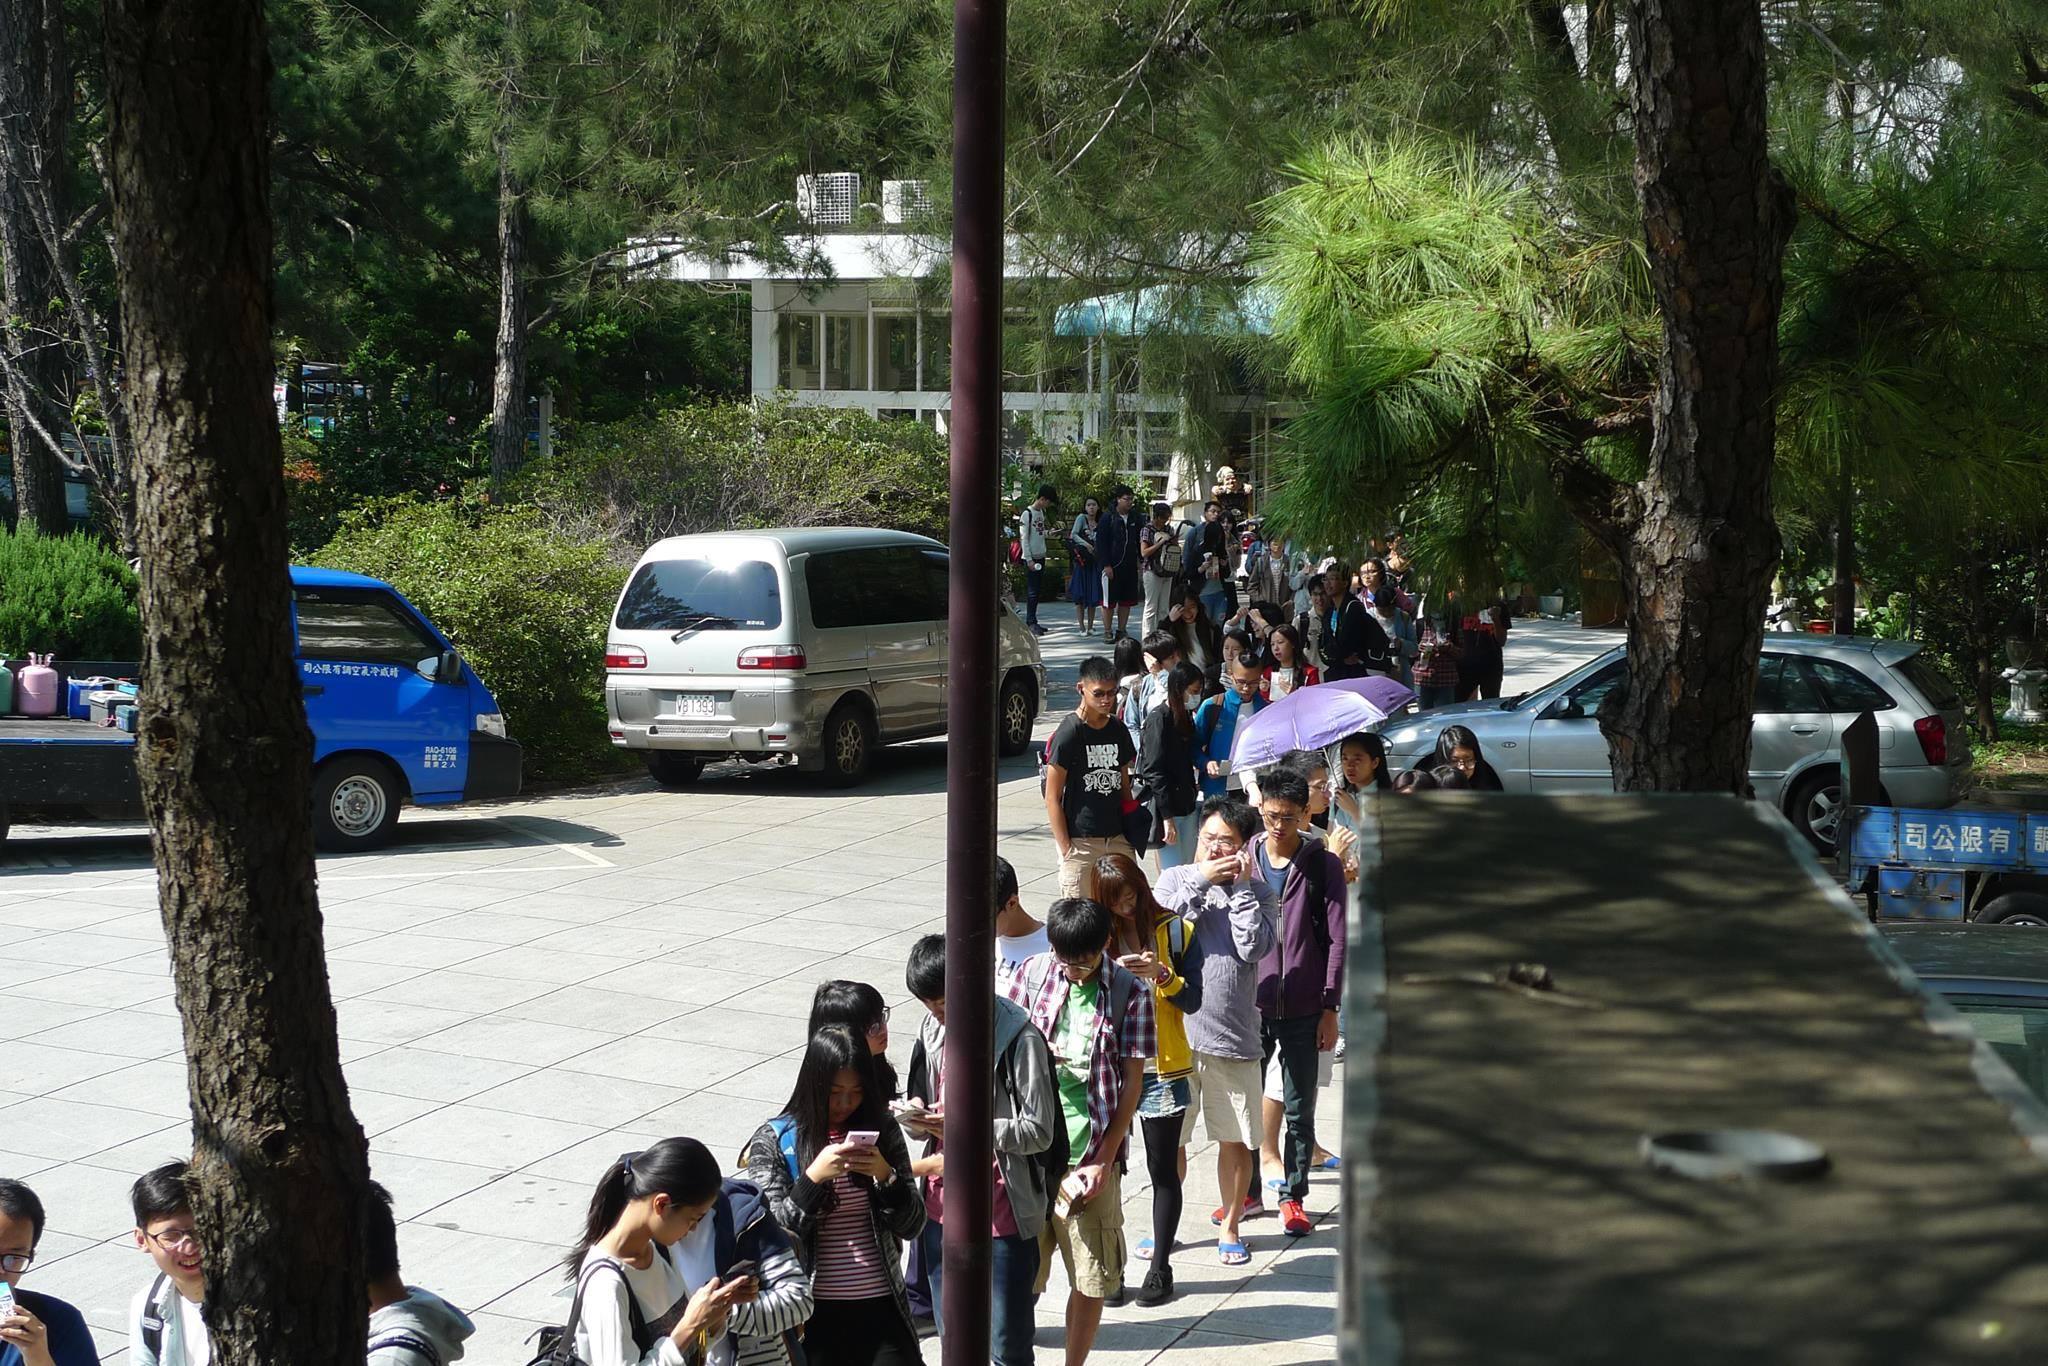 清華大學自10月調整校園公車時刻表後,經常造成等隊伍過長,或是持續上不了車的狀況。 圖/清華大學學生會提供